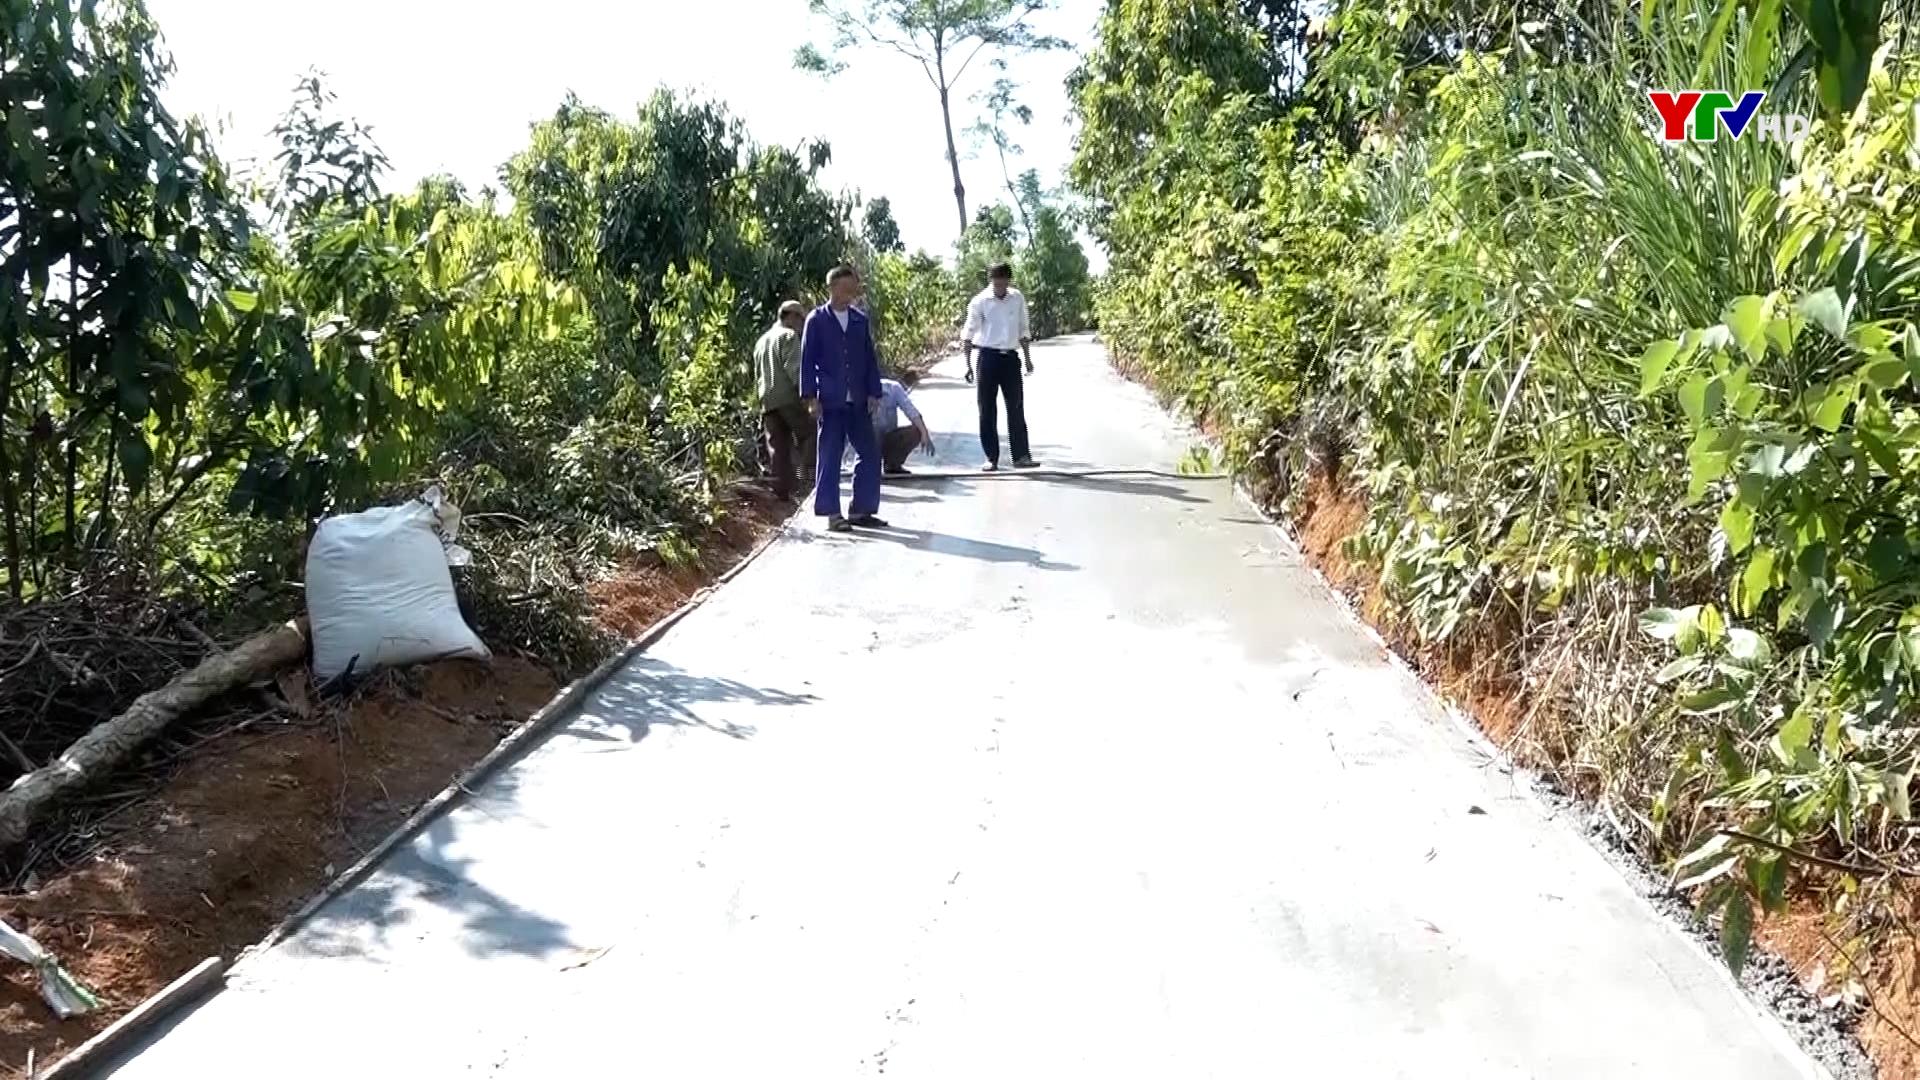 Huyện Văn Yên huy động nguồn lực làm đường giao thông nông thôn